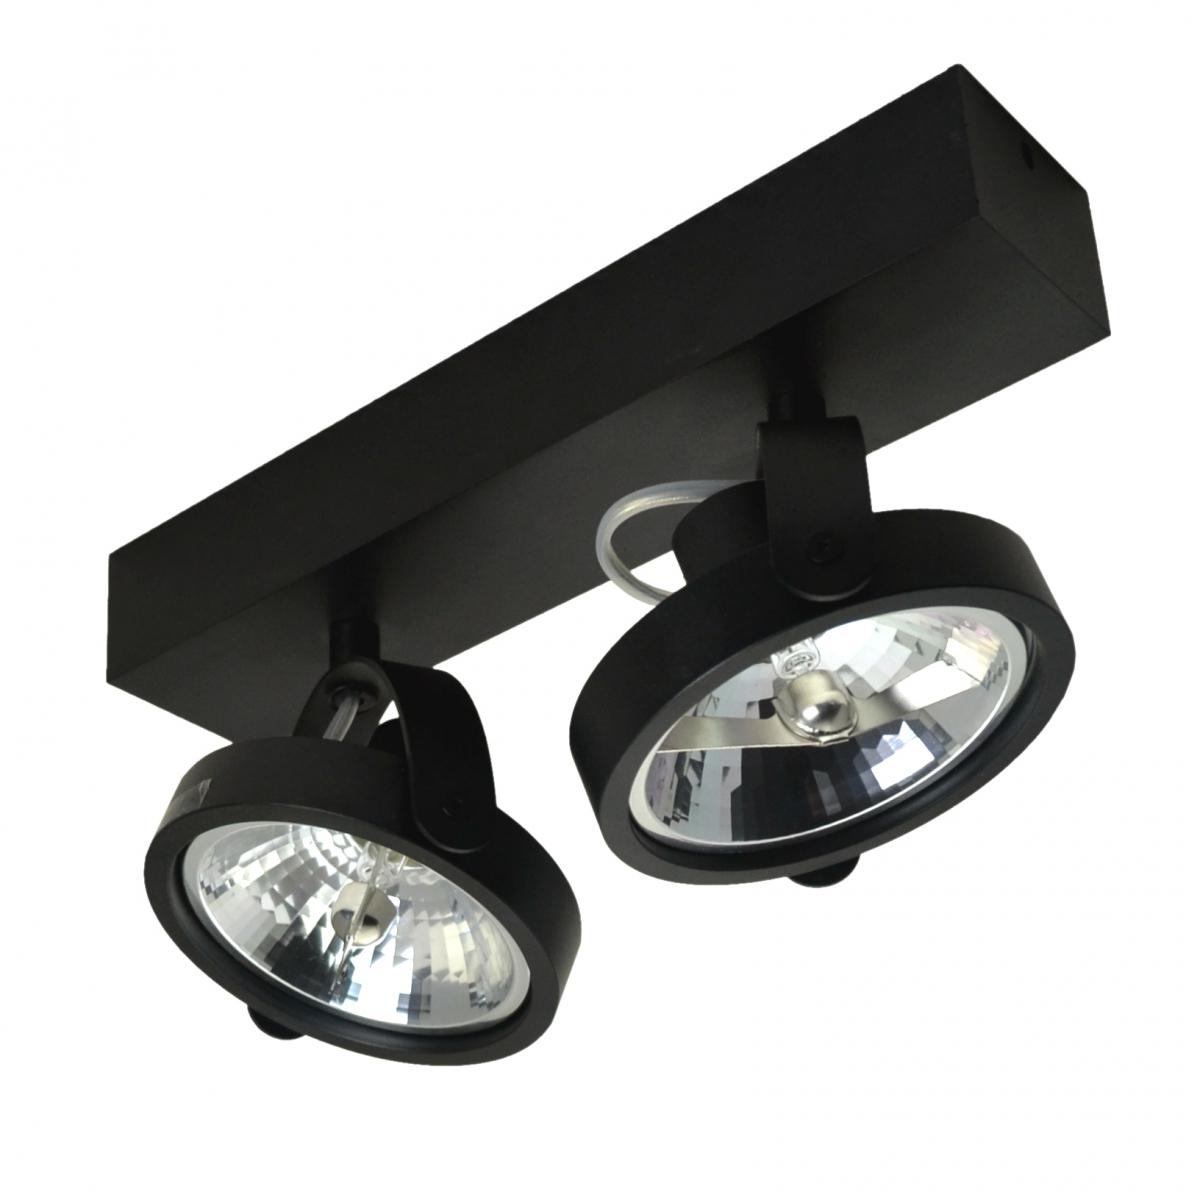 Oświetlenie Punktowe Zuma Line Go Sl 2 50485 Dodaj Produkt Do Koszyka I Uzyskaj Mega Rabat